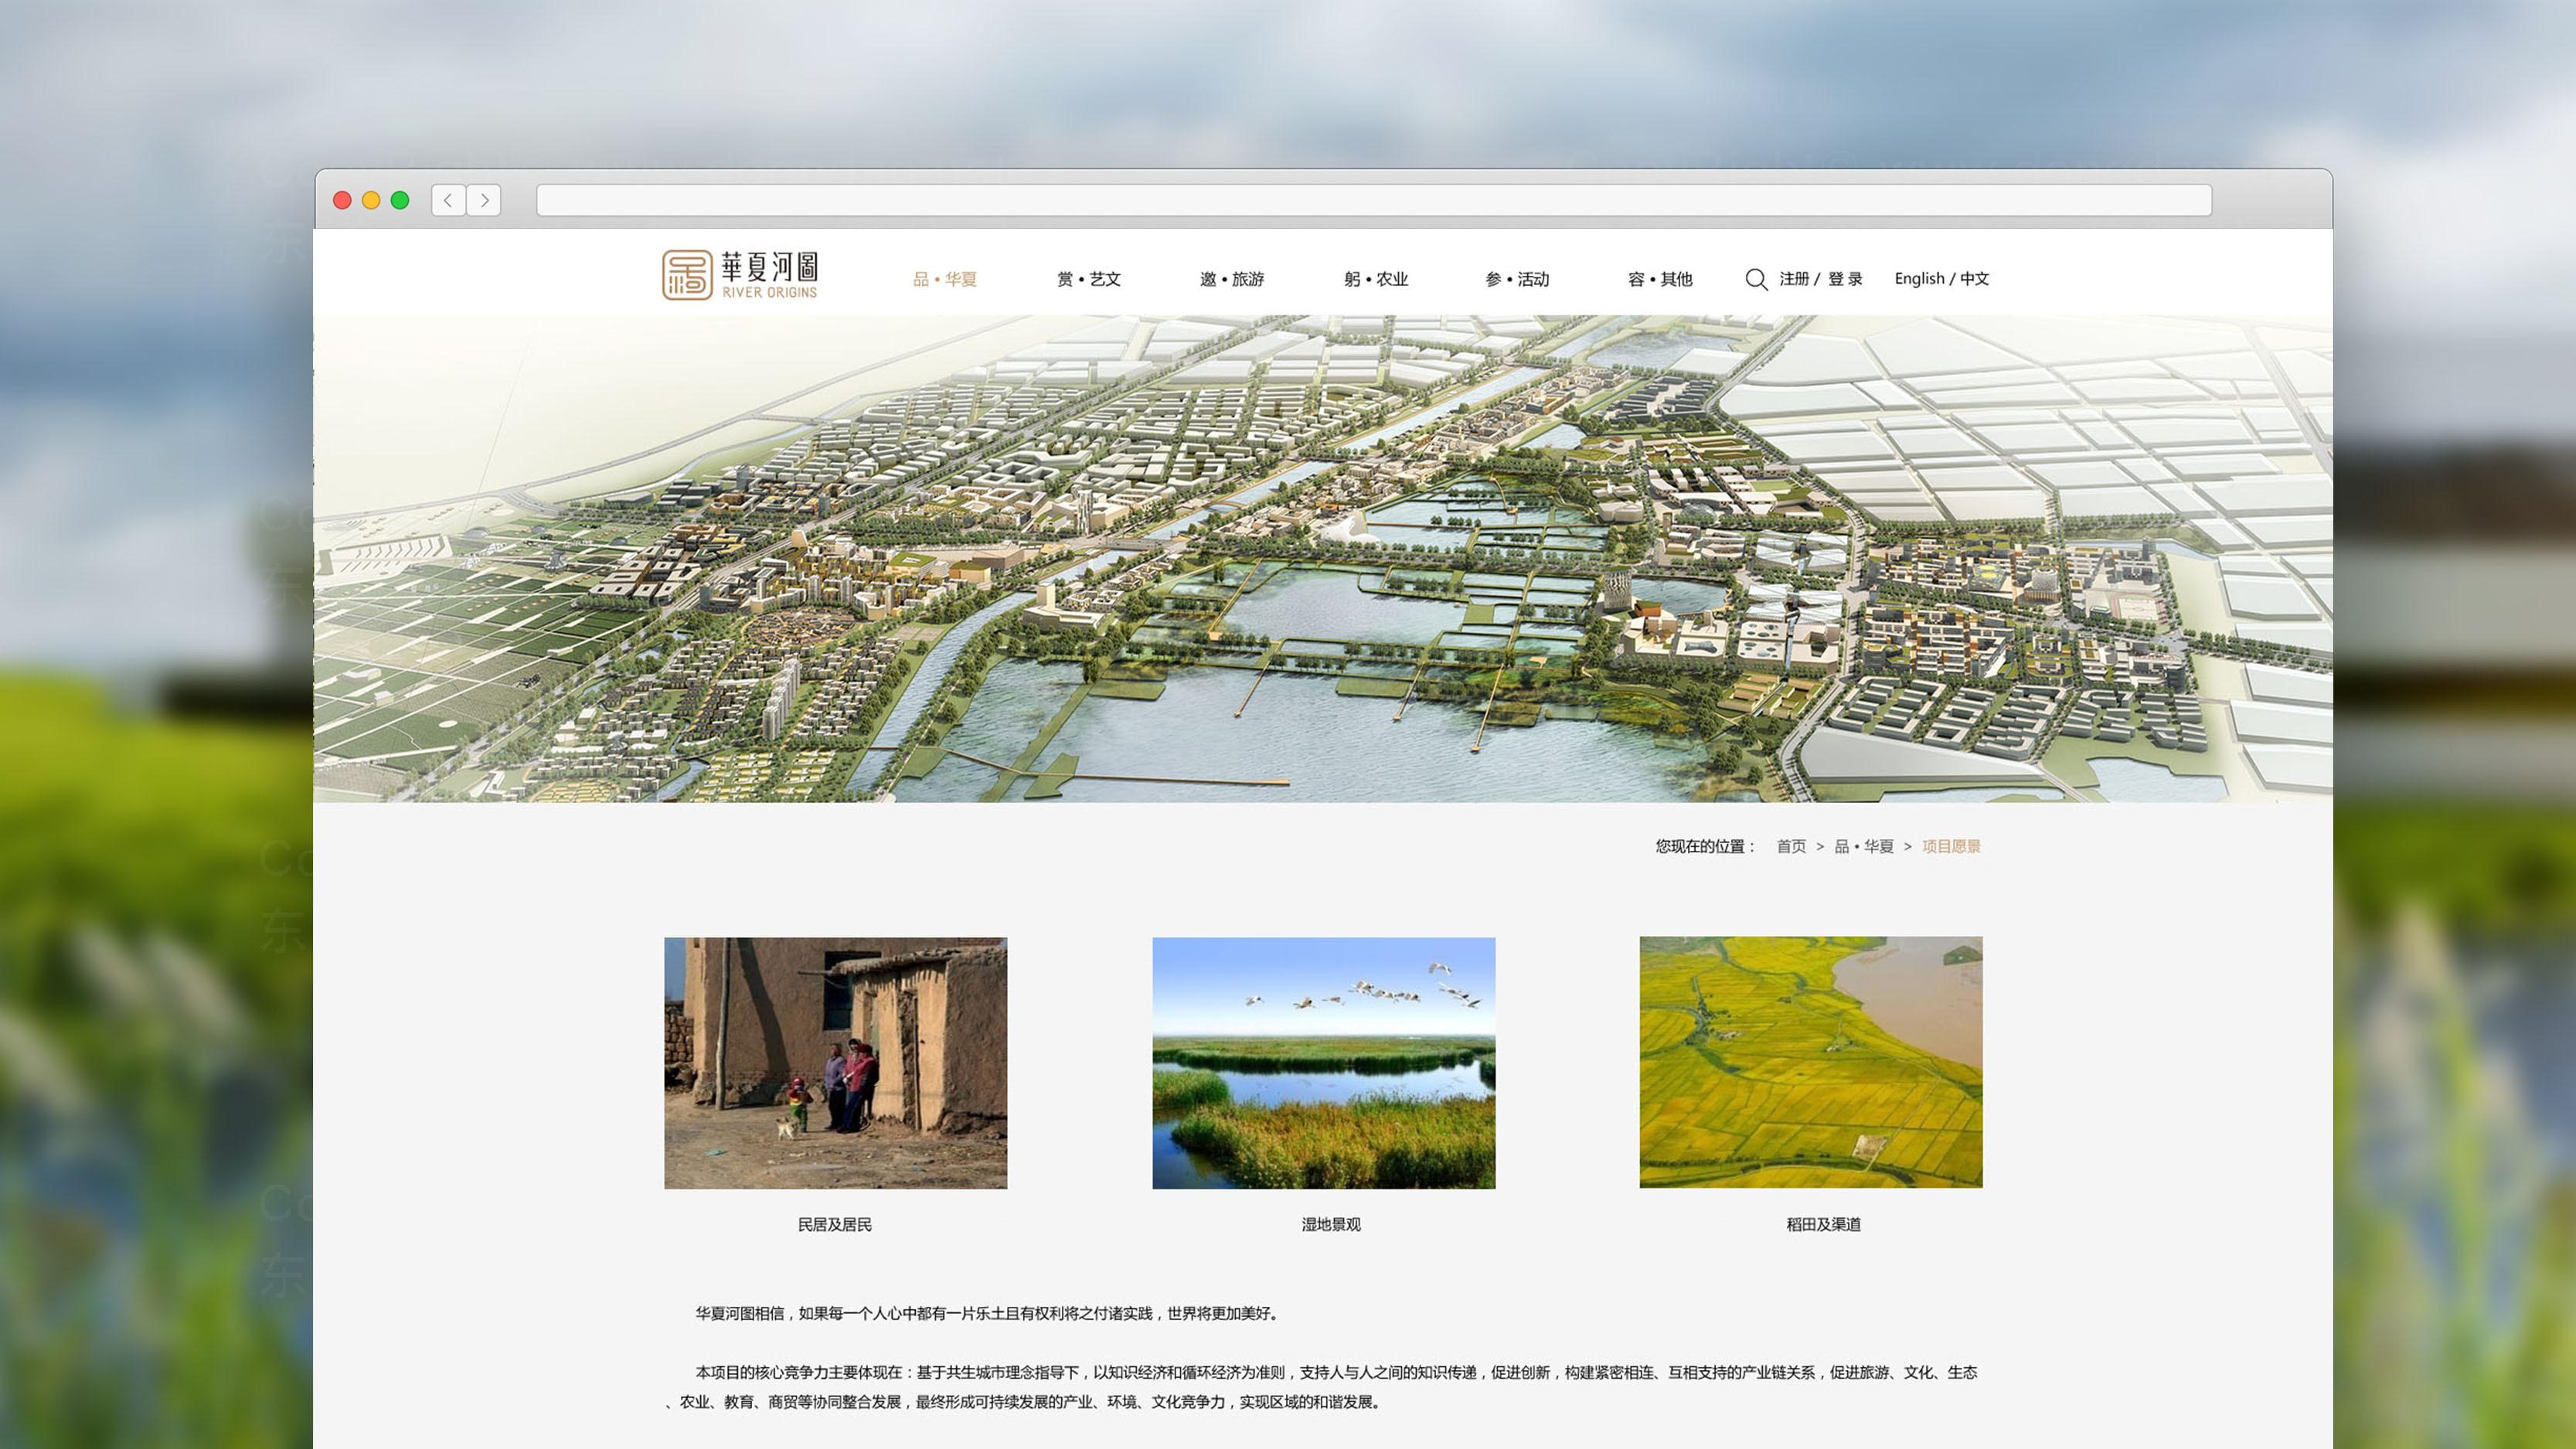 地产建筑东道数字华夏河图网站设计